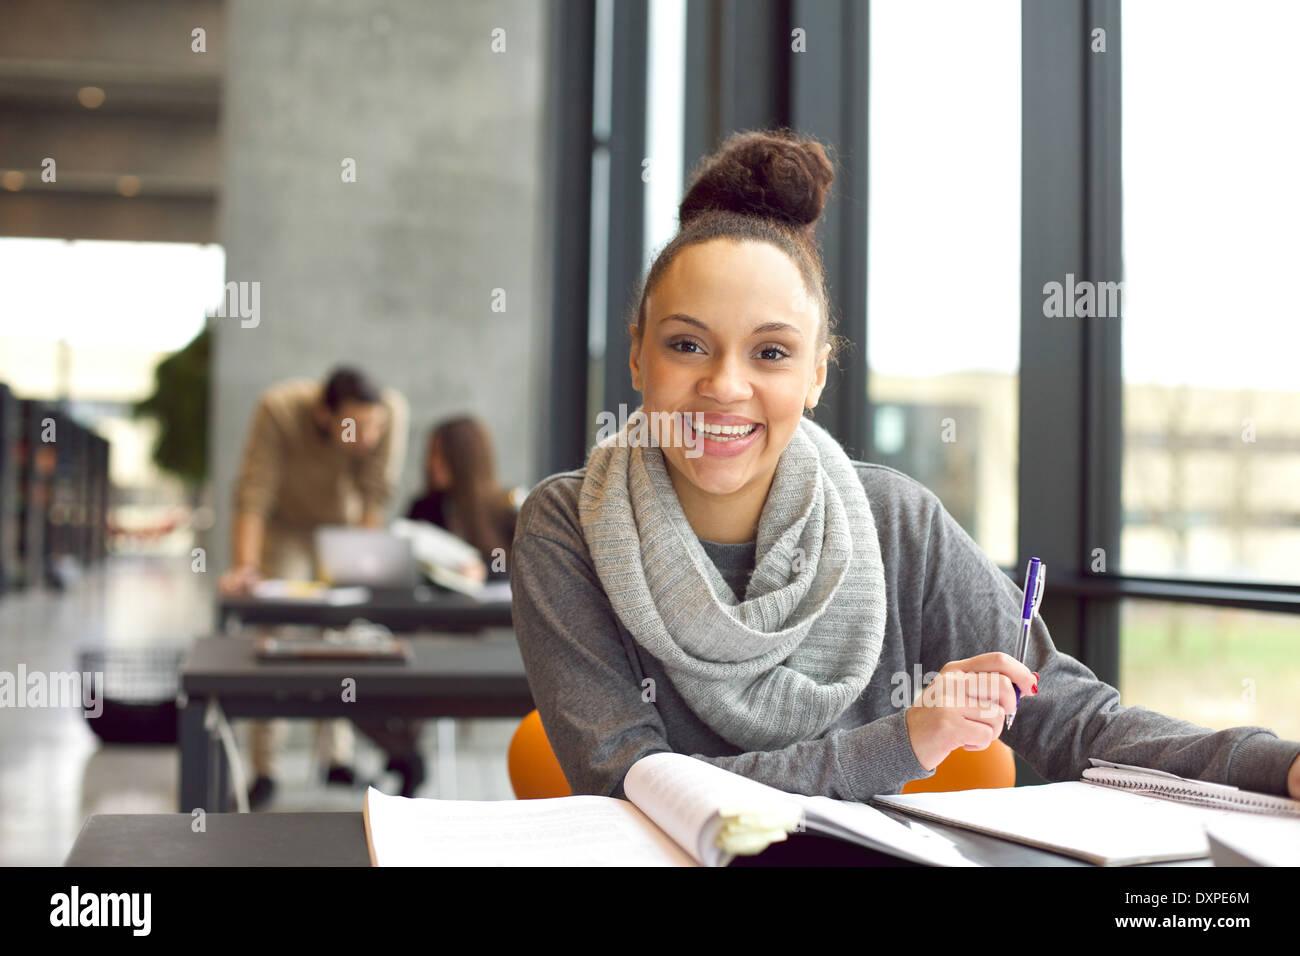 Happy young woman sitting in la bibliothèque avec des livres. Cheerful young student la préparation pour les examens finaux. Photo Stock